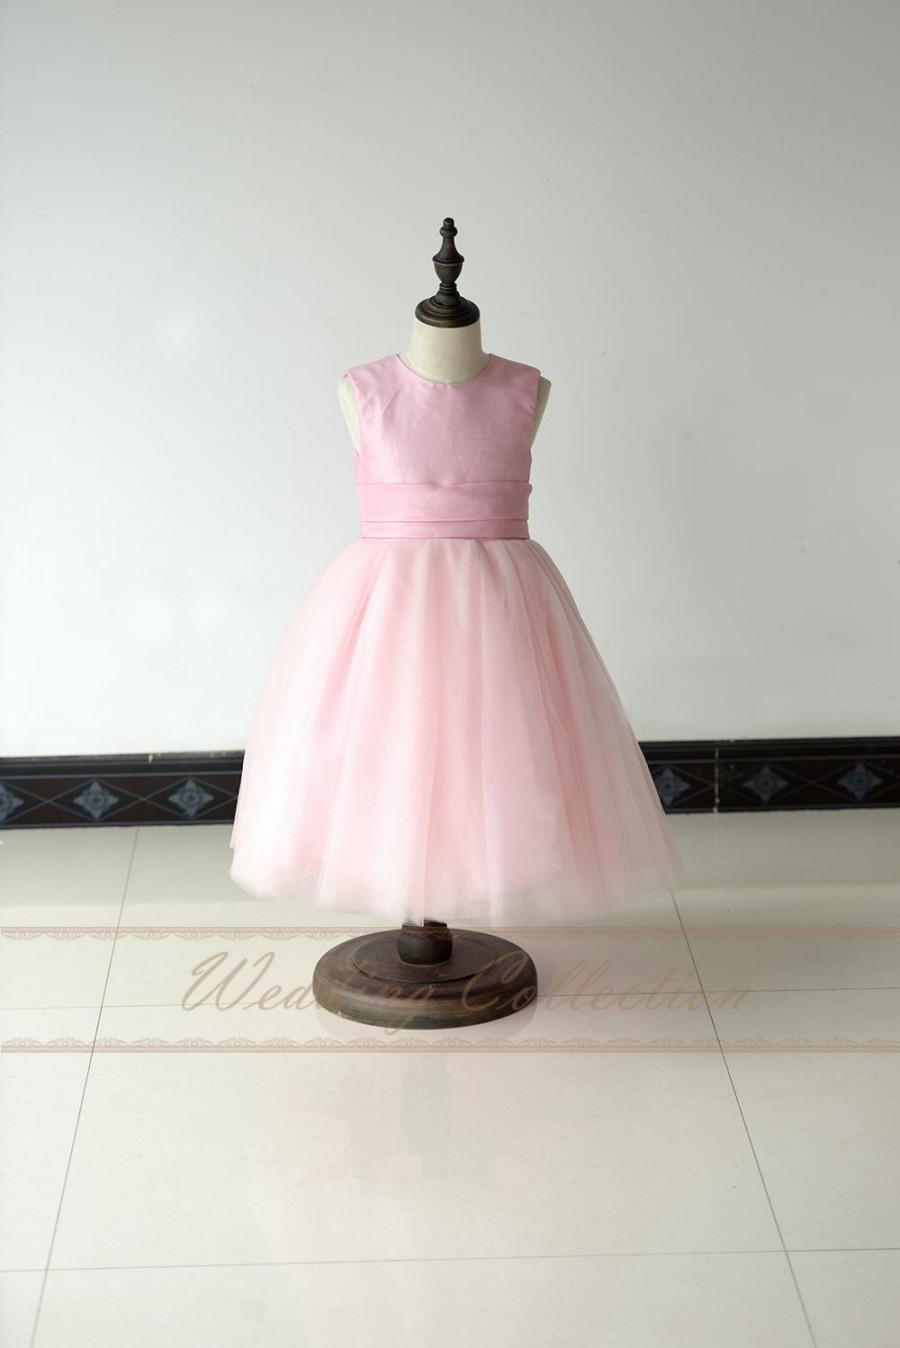 زفاف - Pink Flower Girl Dress Taffeta and Tulle with Waistband Ball Gown